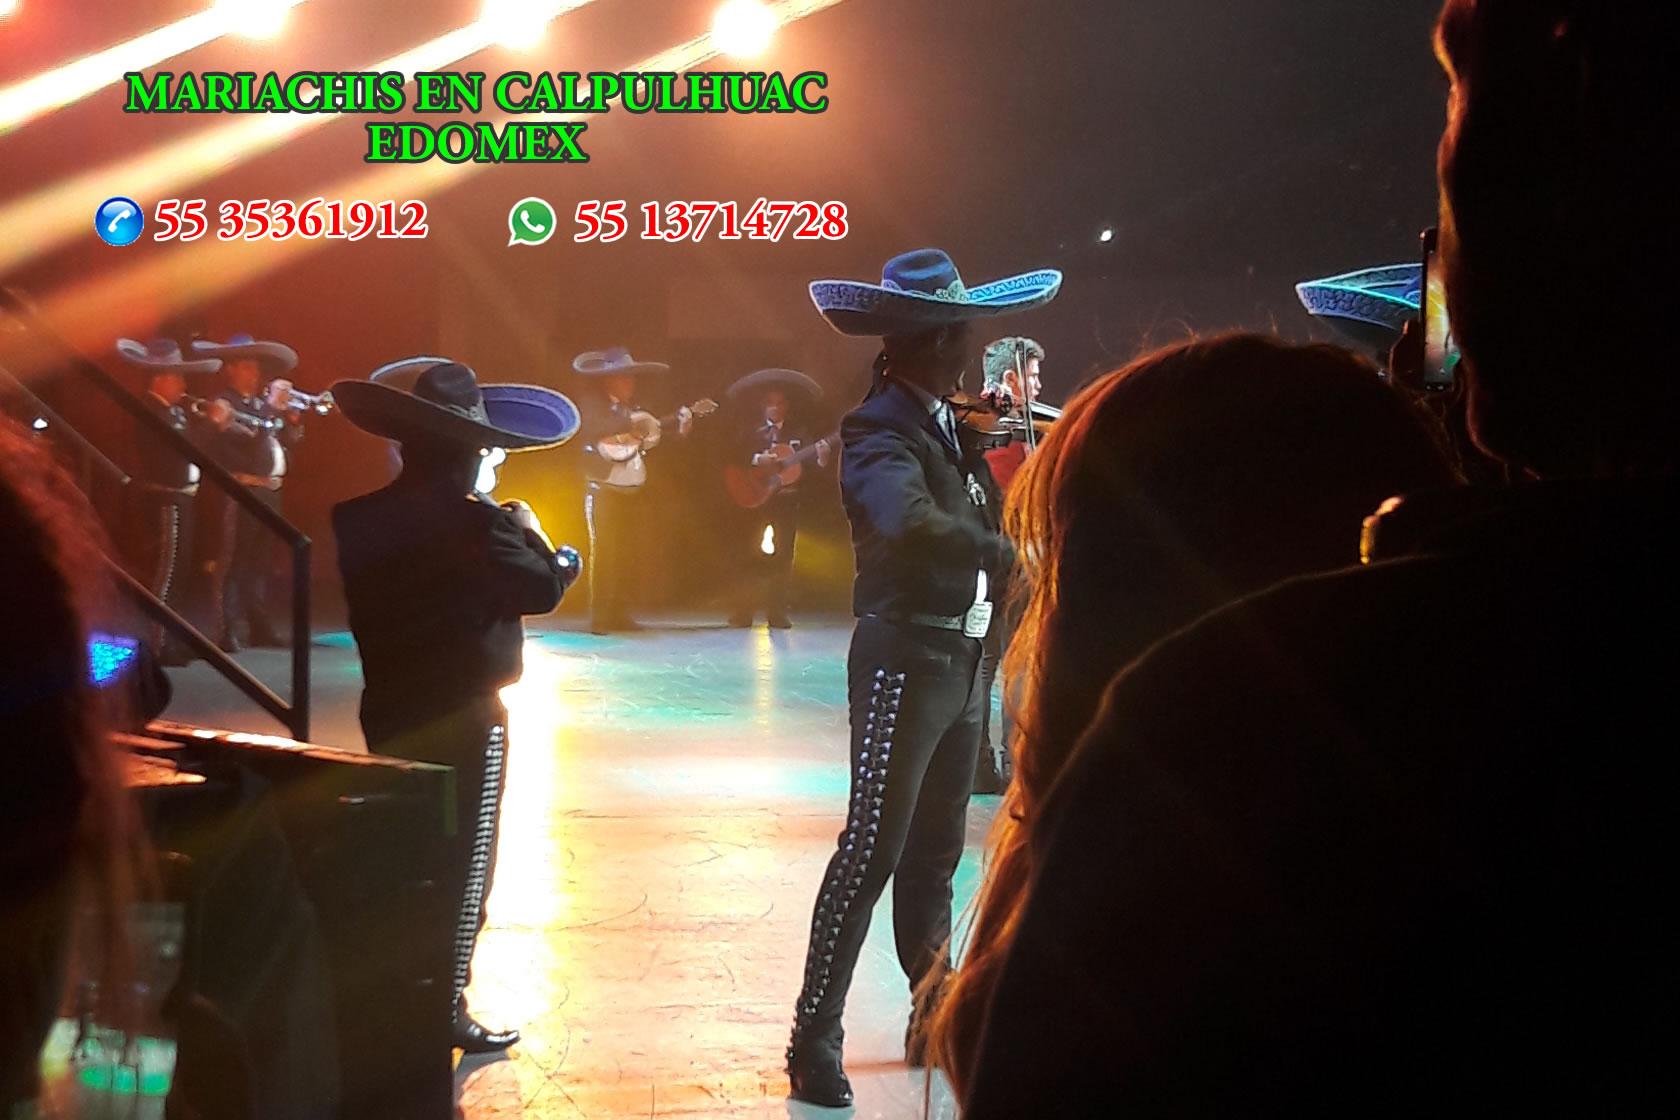 Mariachis en Calpulhuac